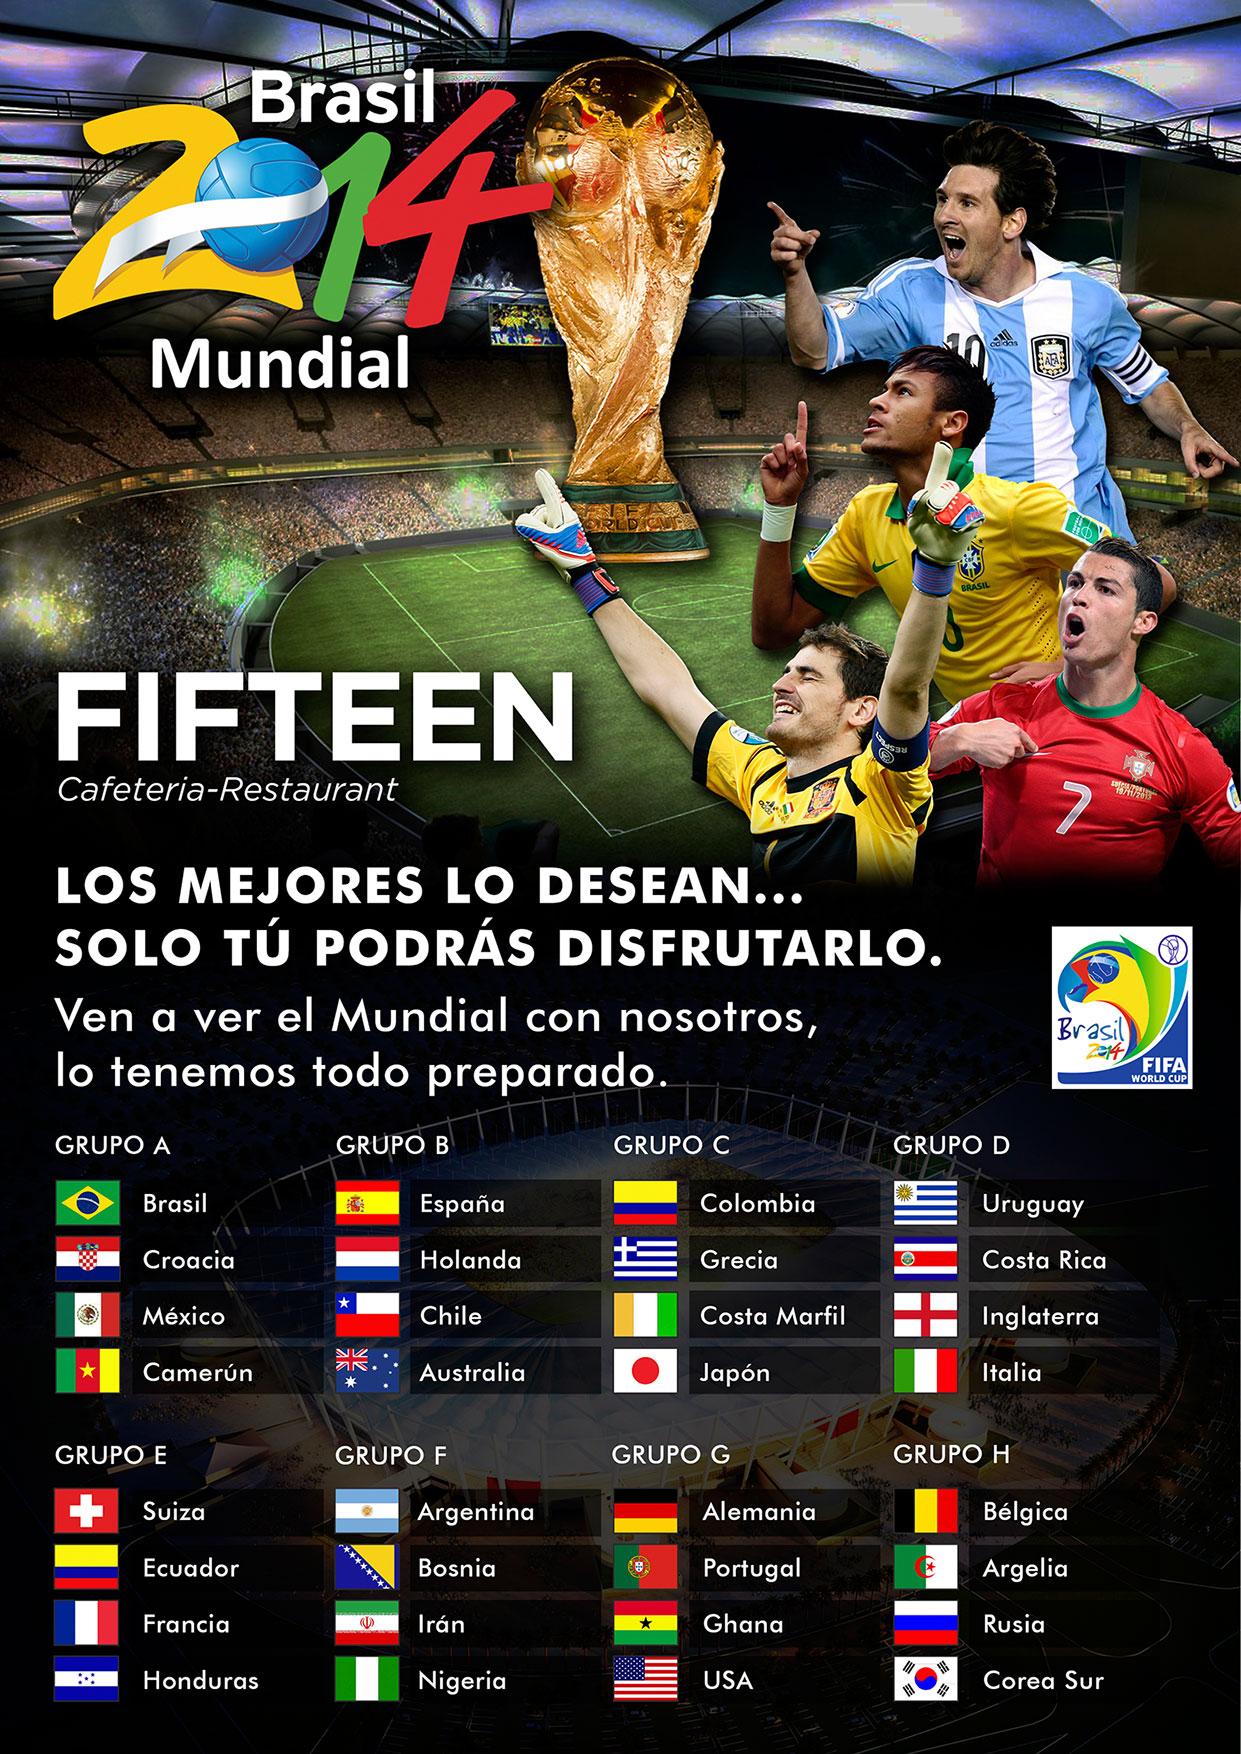 Cartel-Mundial-Brasil-2014-Fifteen